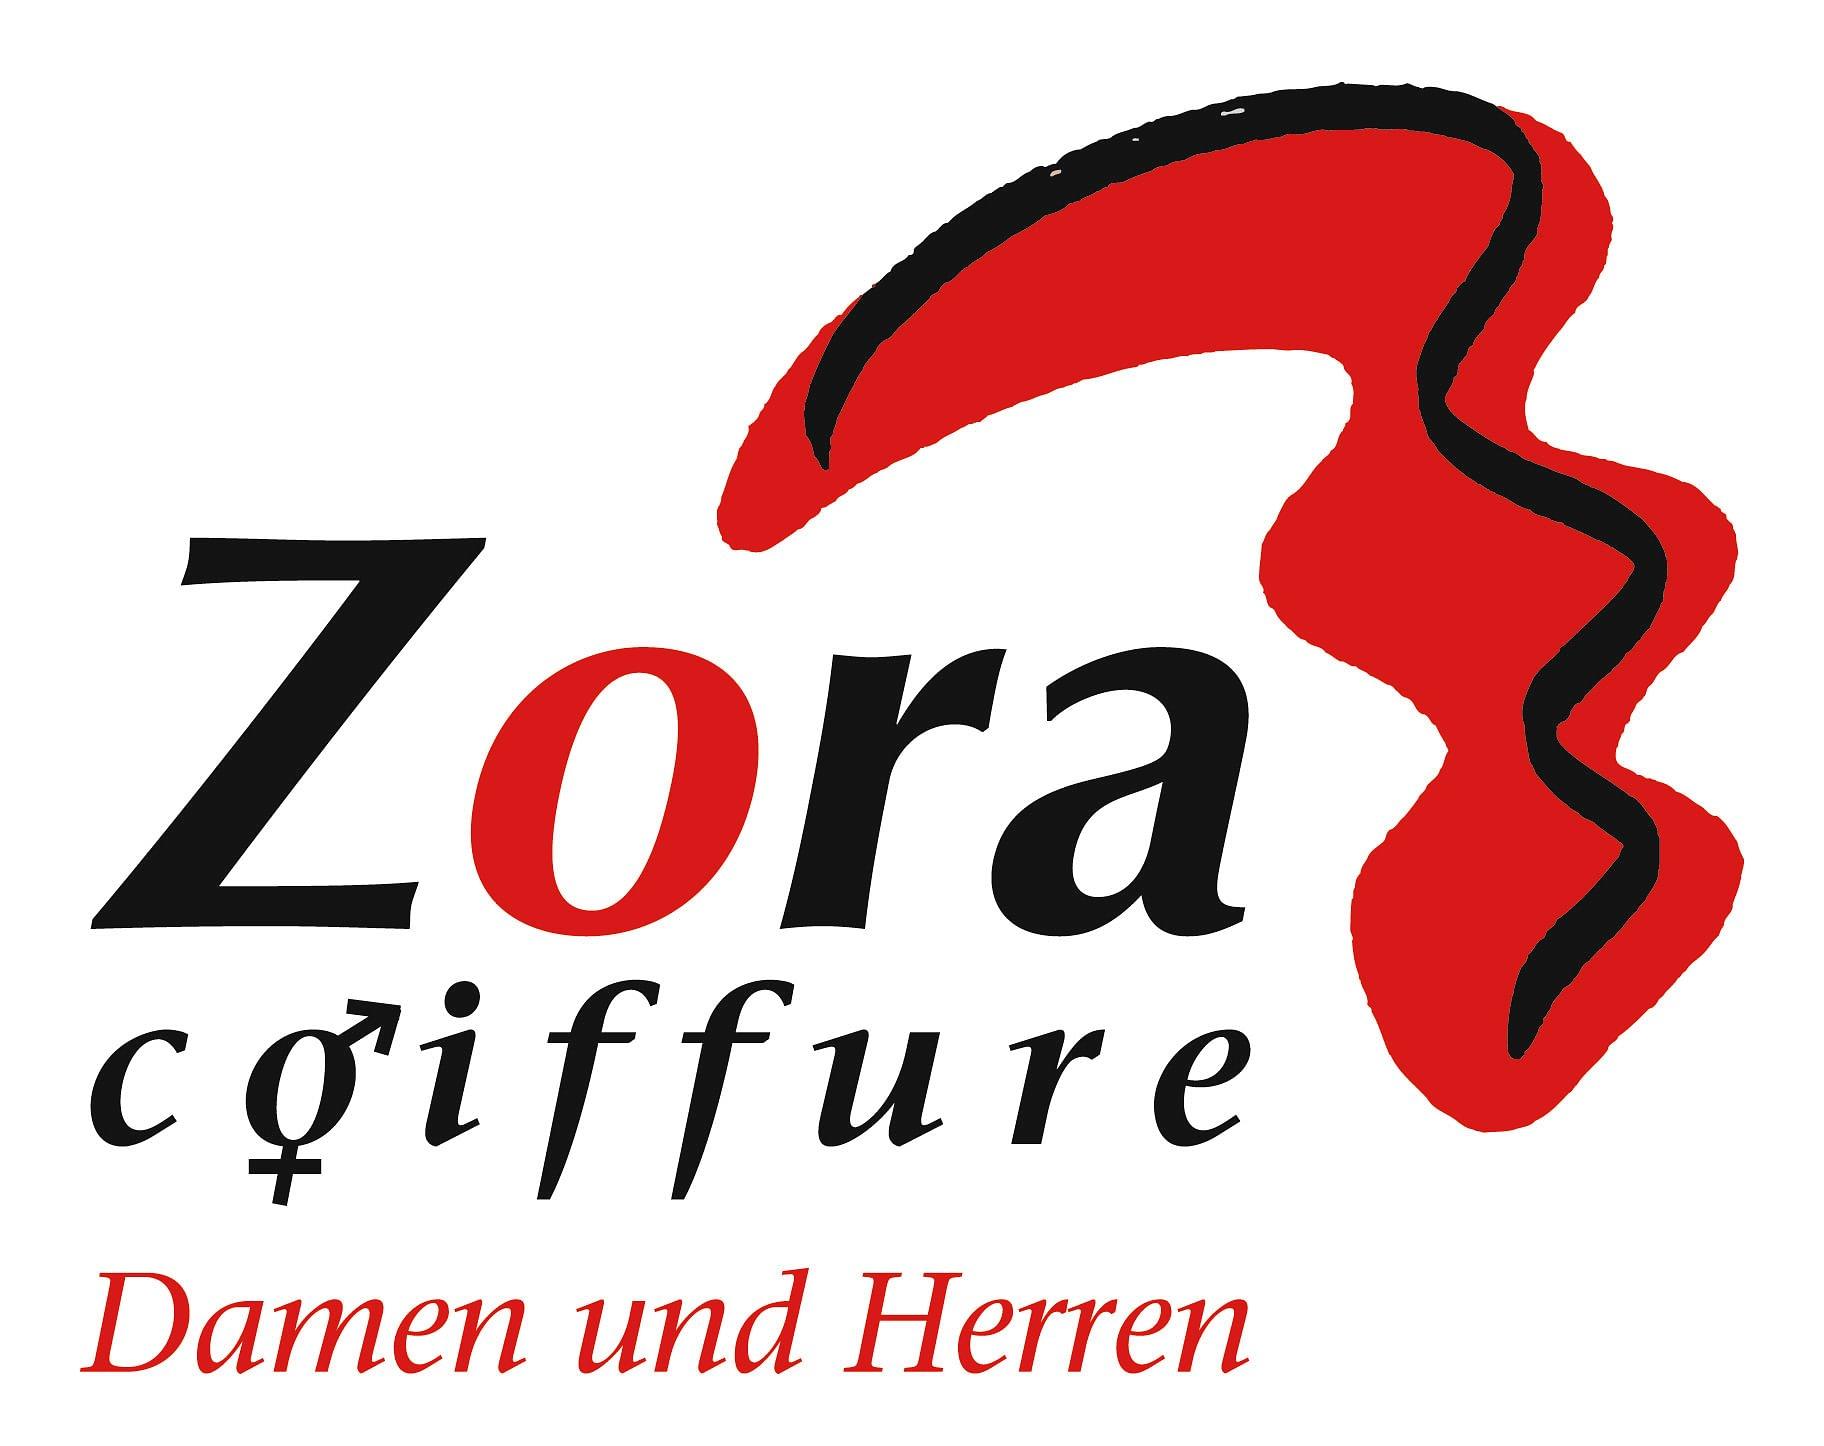 Coiffure Zora